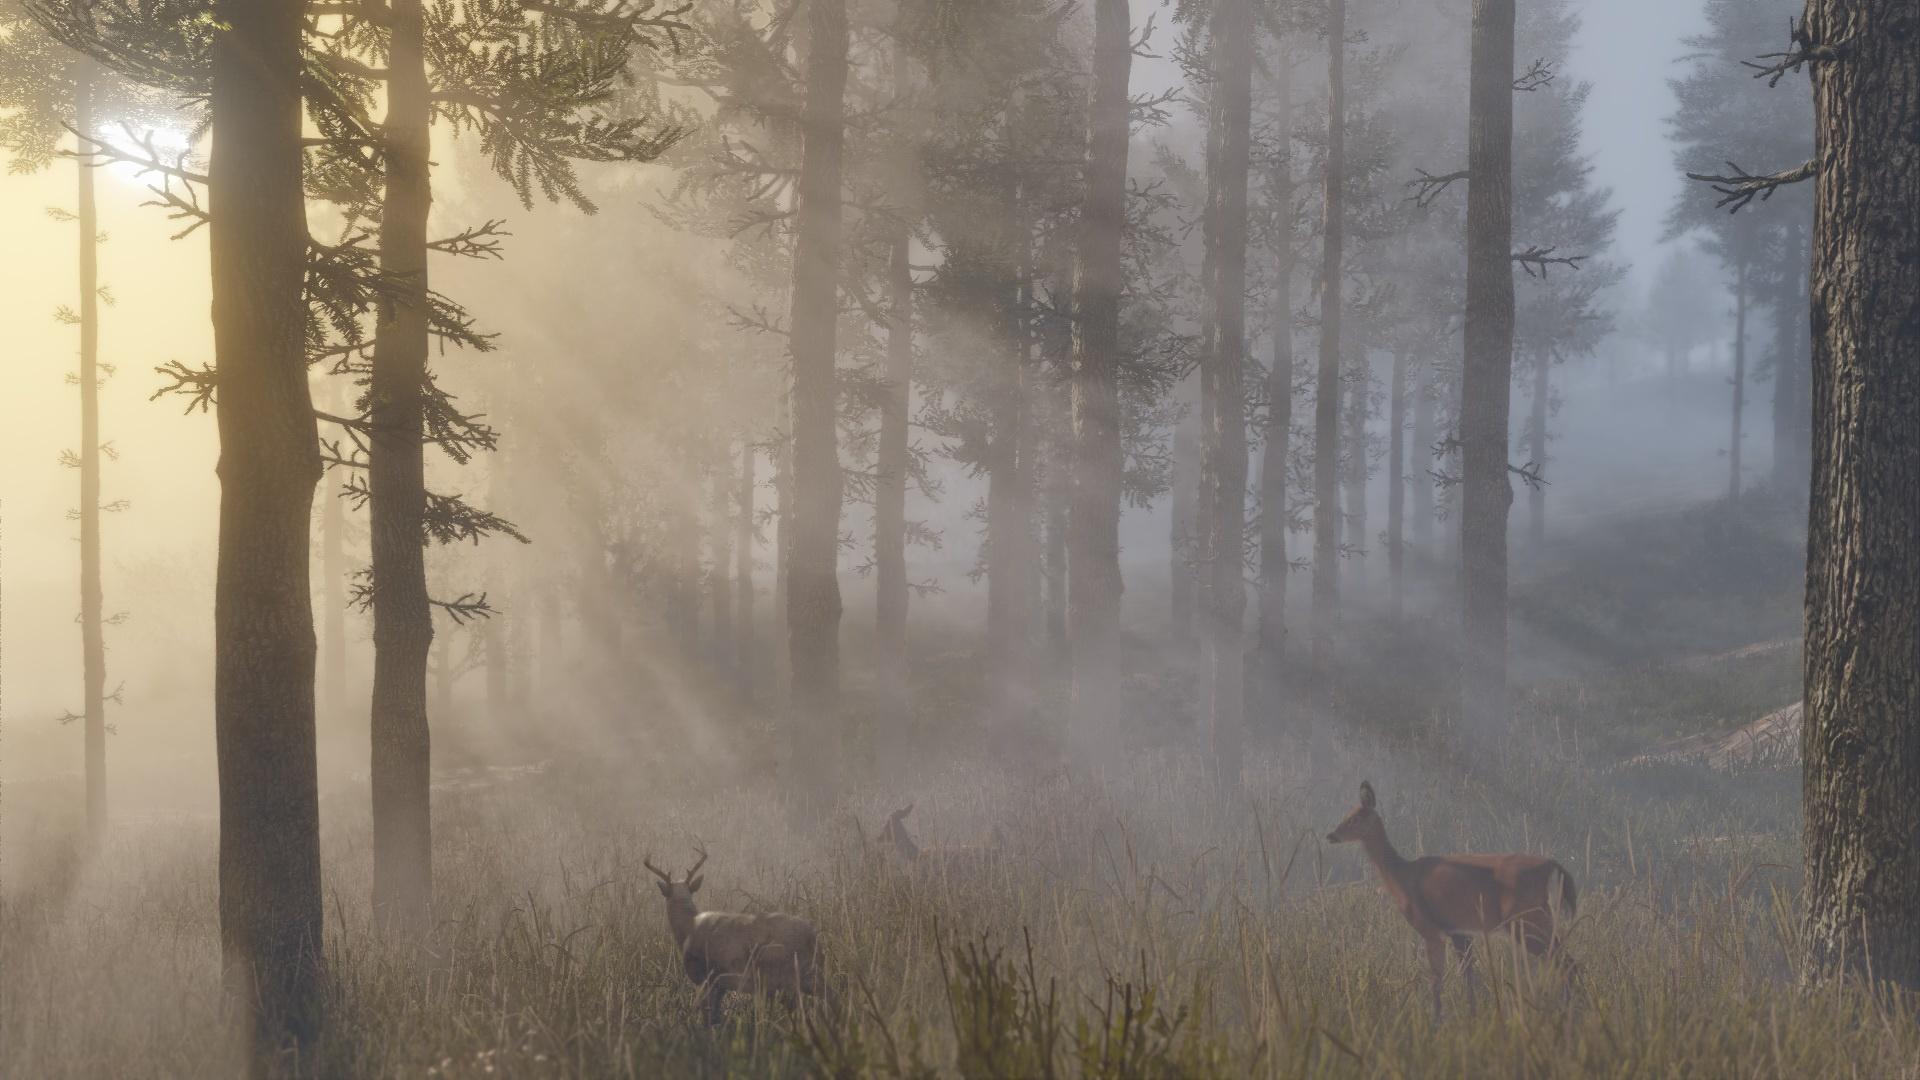 Neue Screenshots zu Red Dead Redemption 2 zeigen Tierwelt, Open World und Charaktere. Bild 18 - Quelle: Rockstar Games